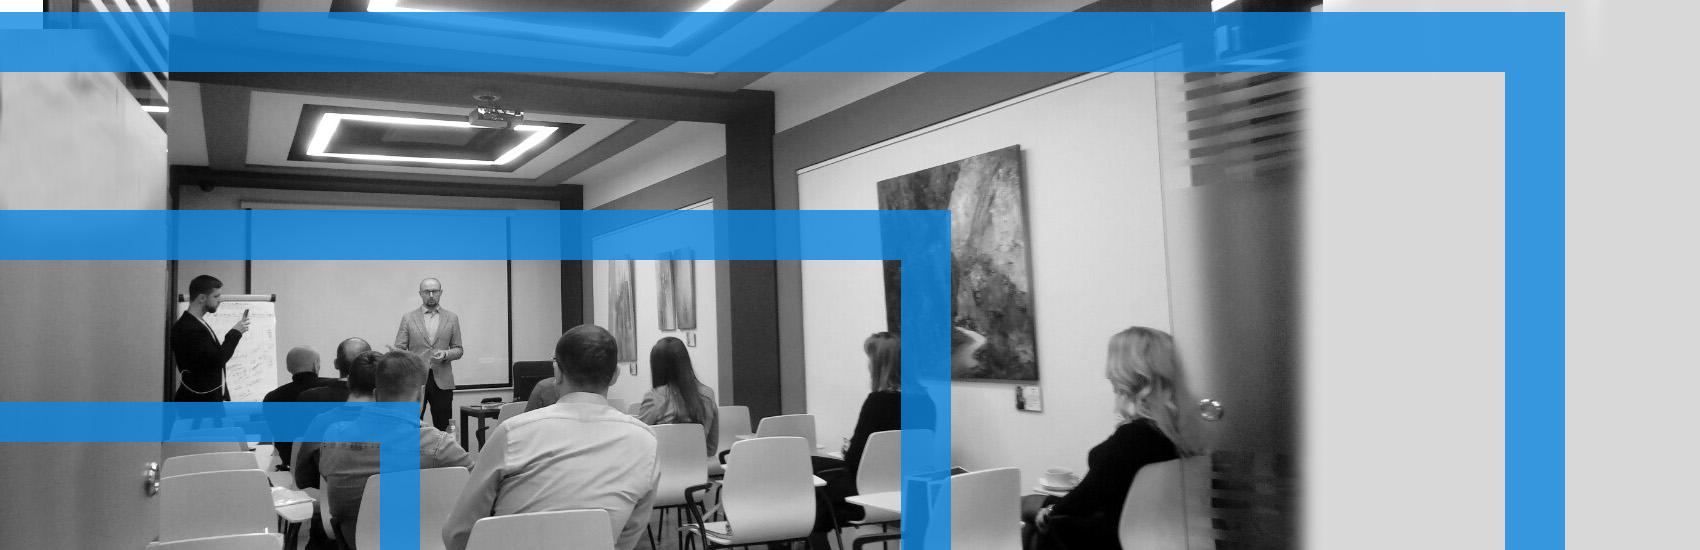 Встреча клуба клиентов Delegator24 14.12.18